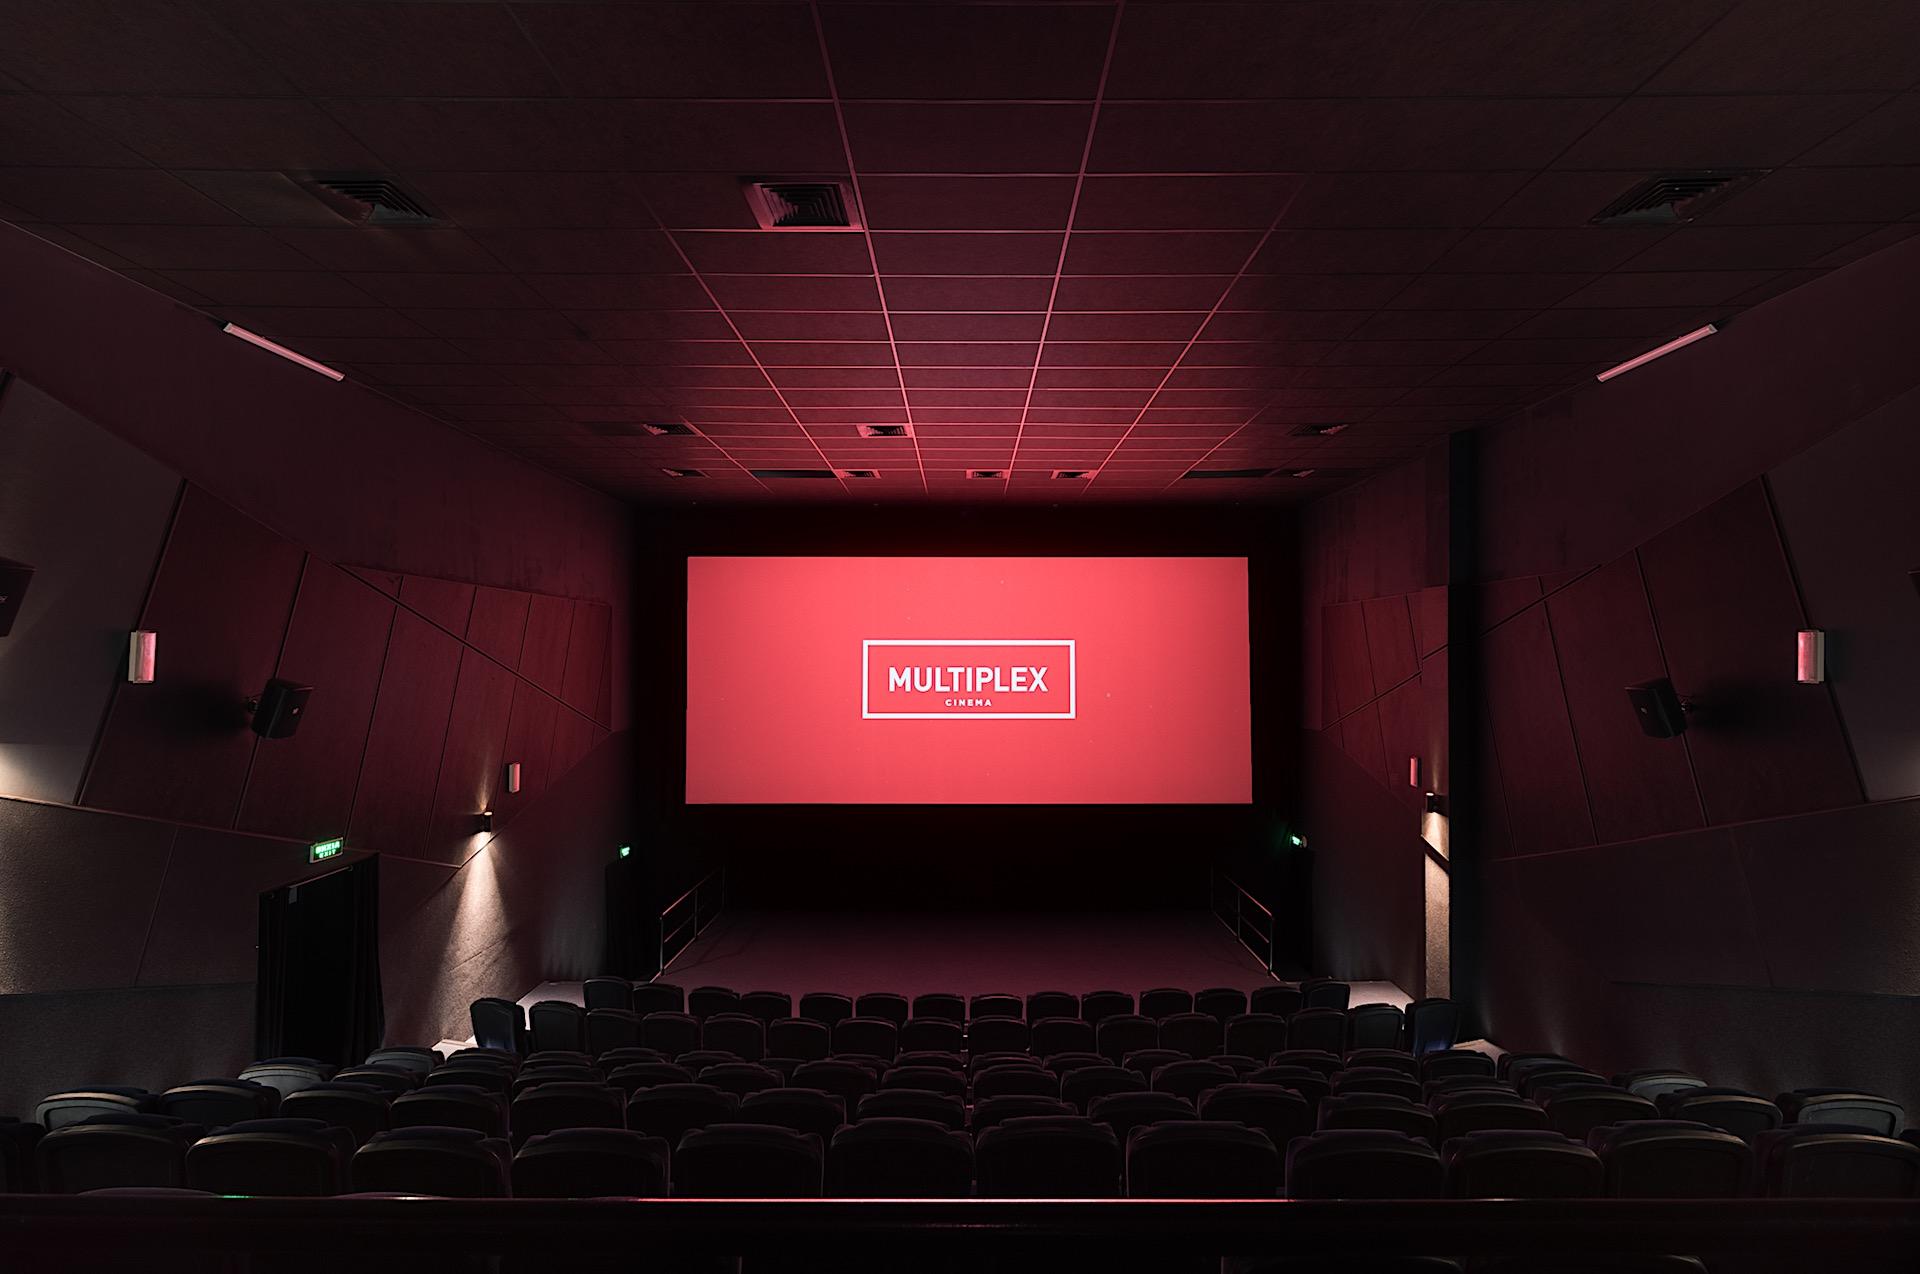 дафи кинотеатр харьков расписание